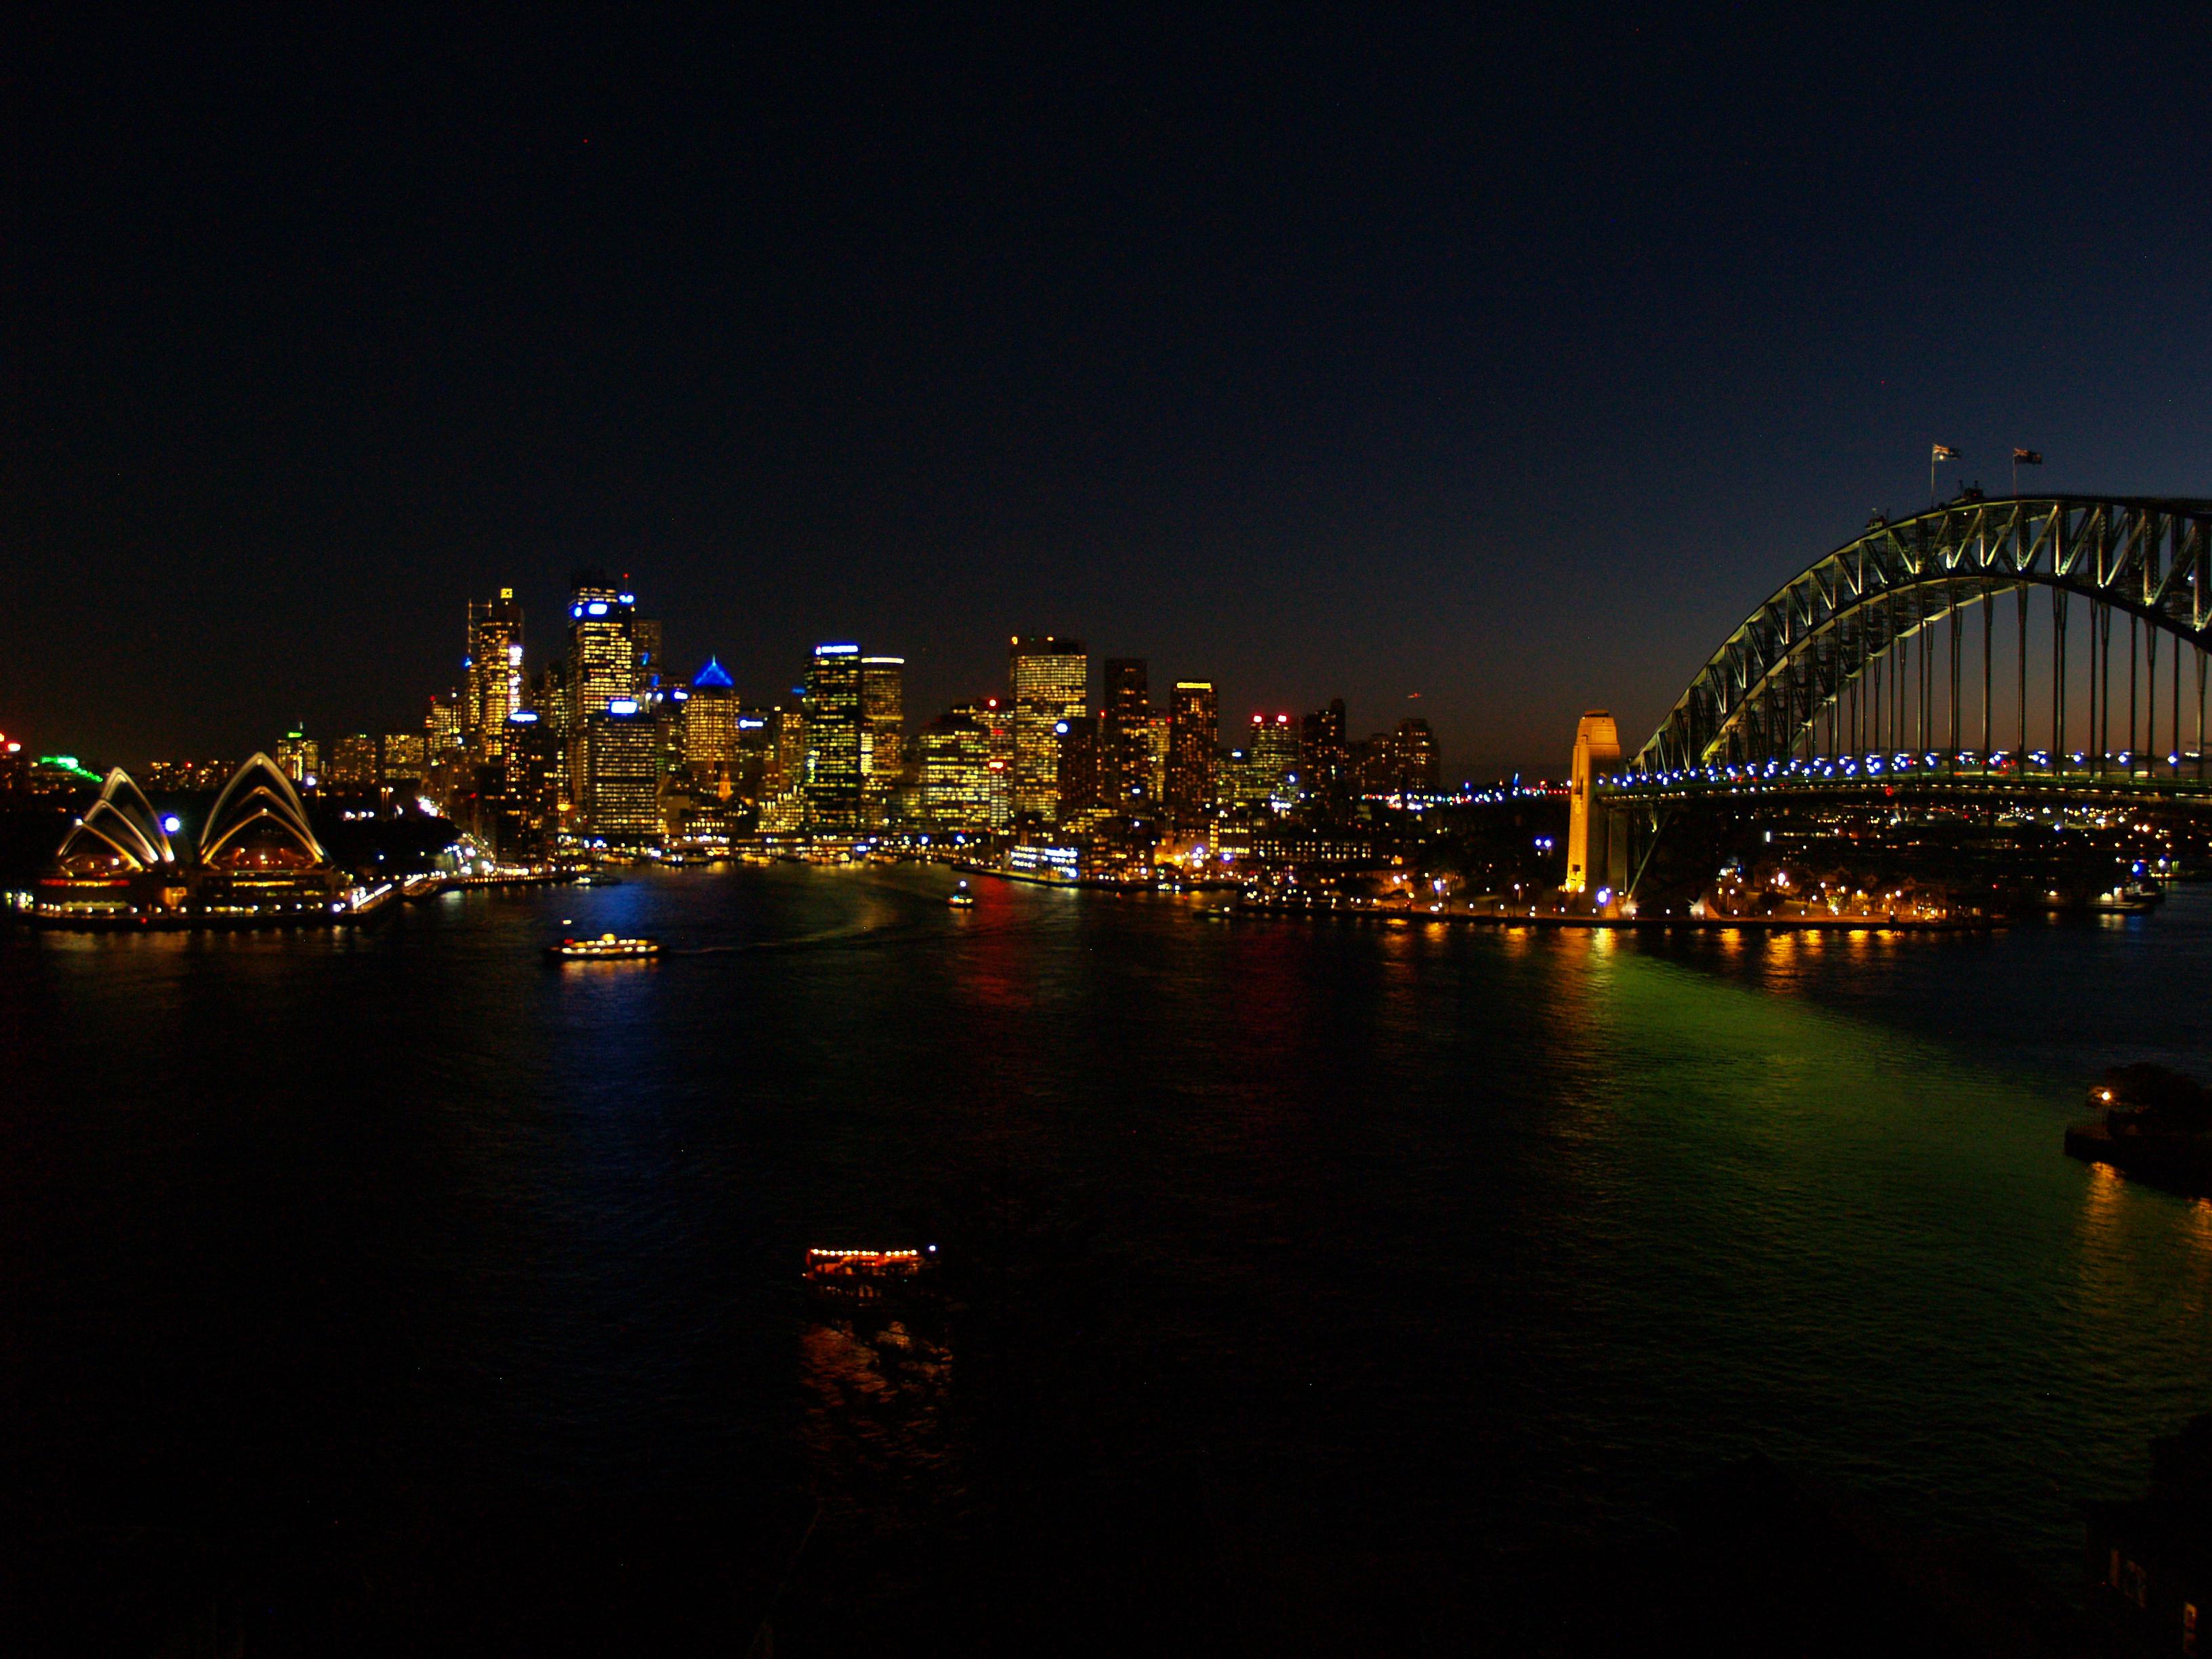 Meeste Australiërs woon in stedelike gebiede. Sydney is die mees bevolkte stad in Australië